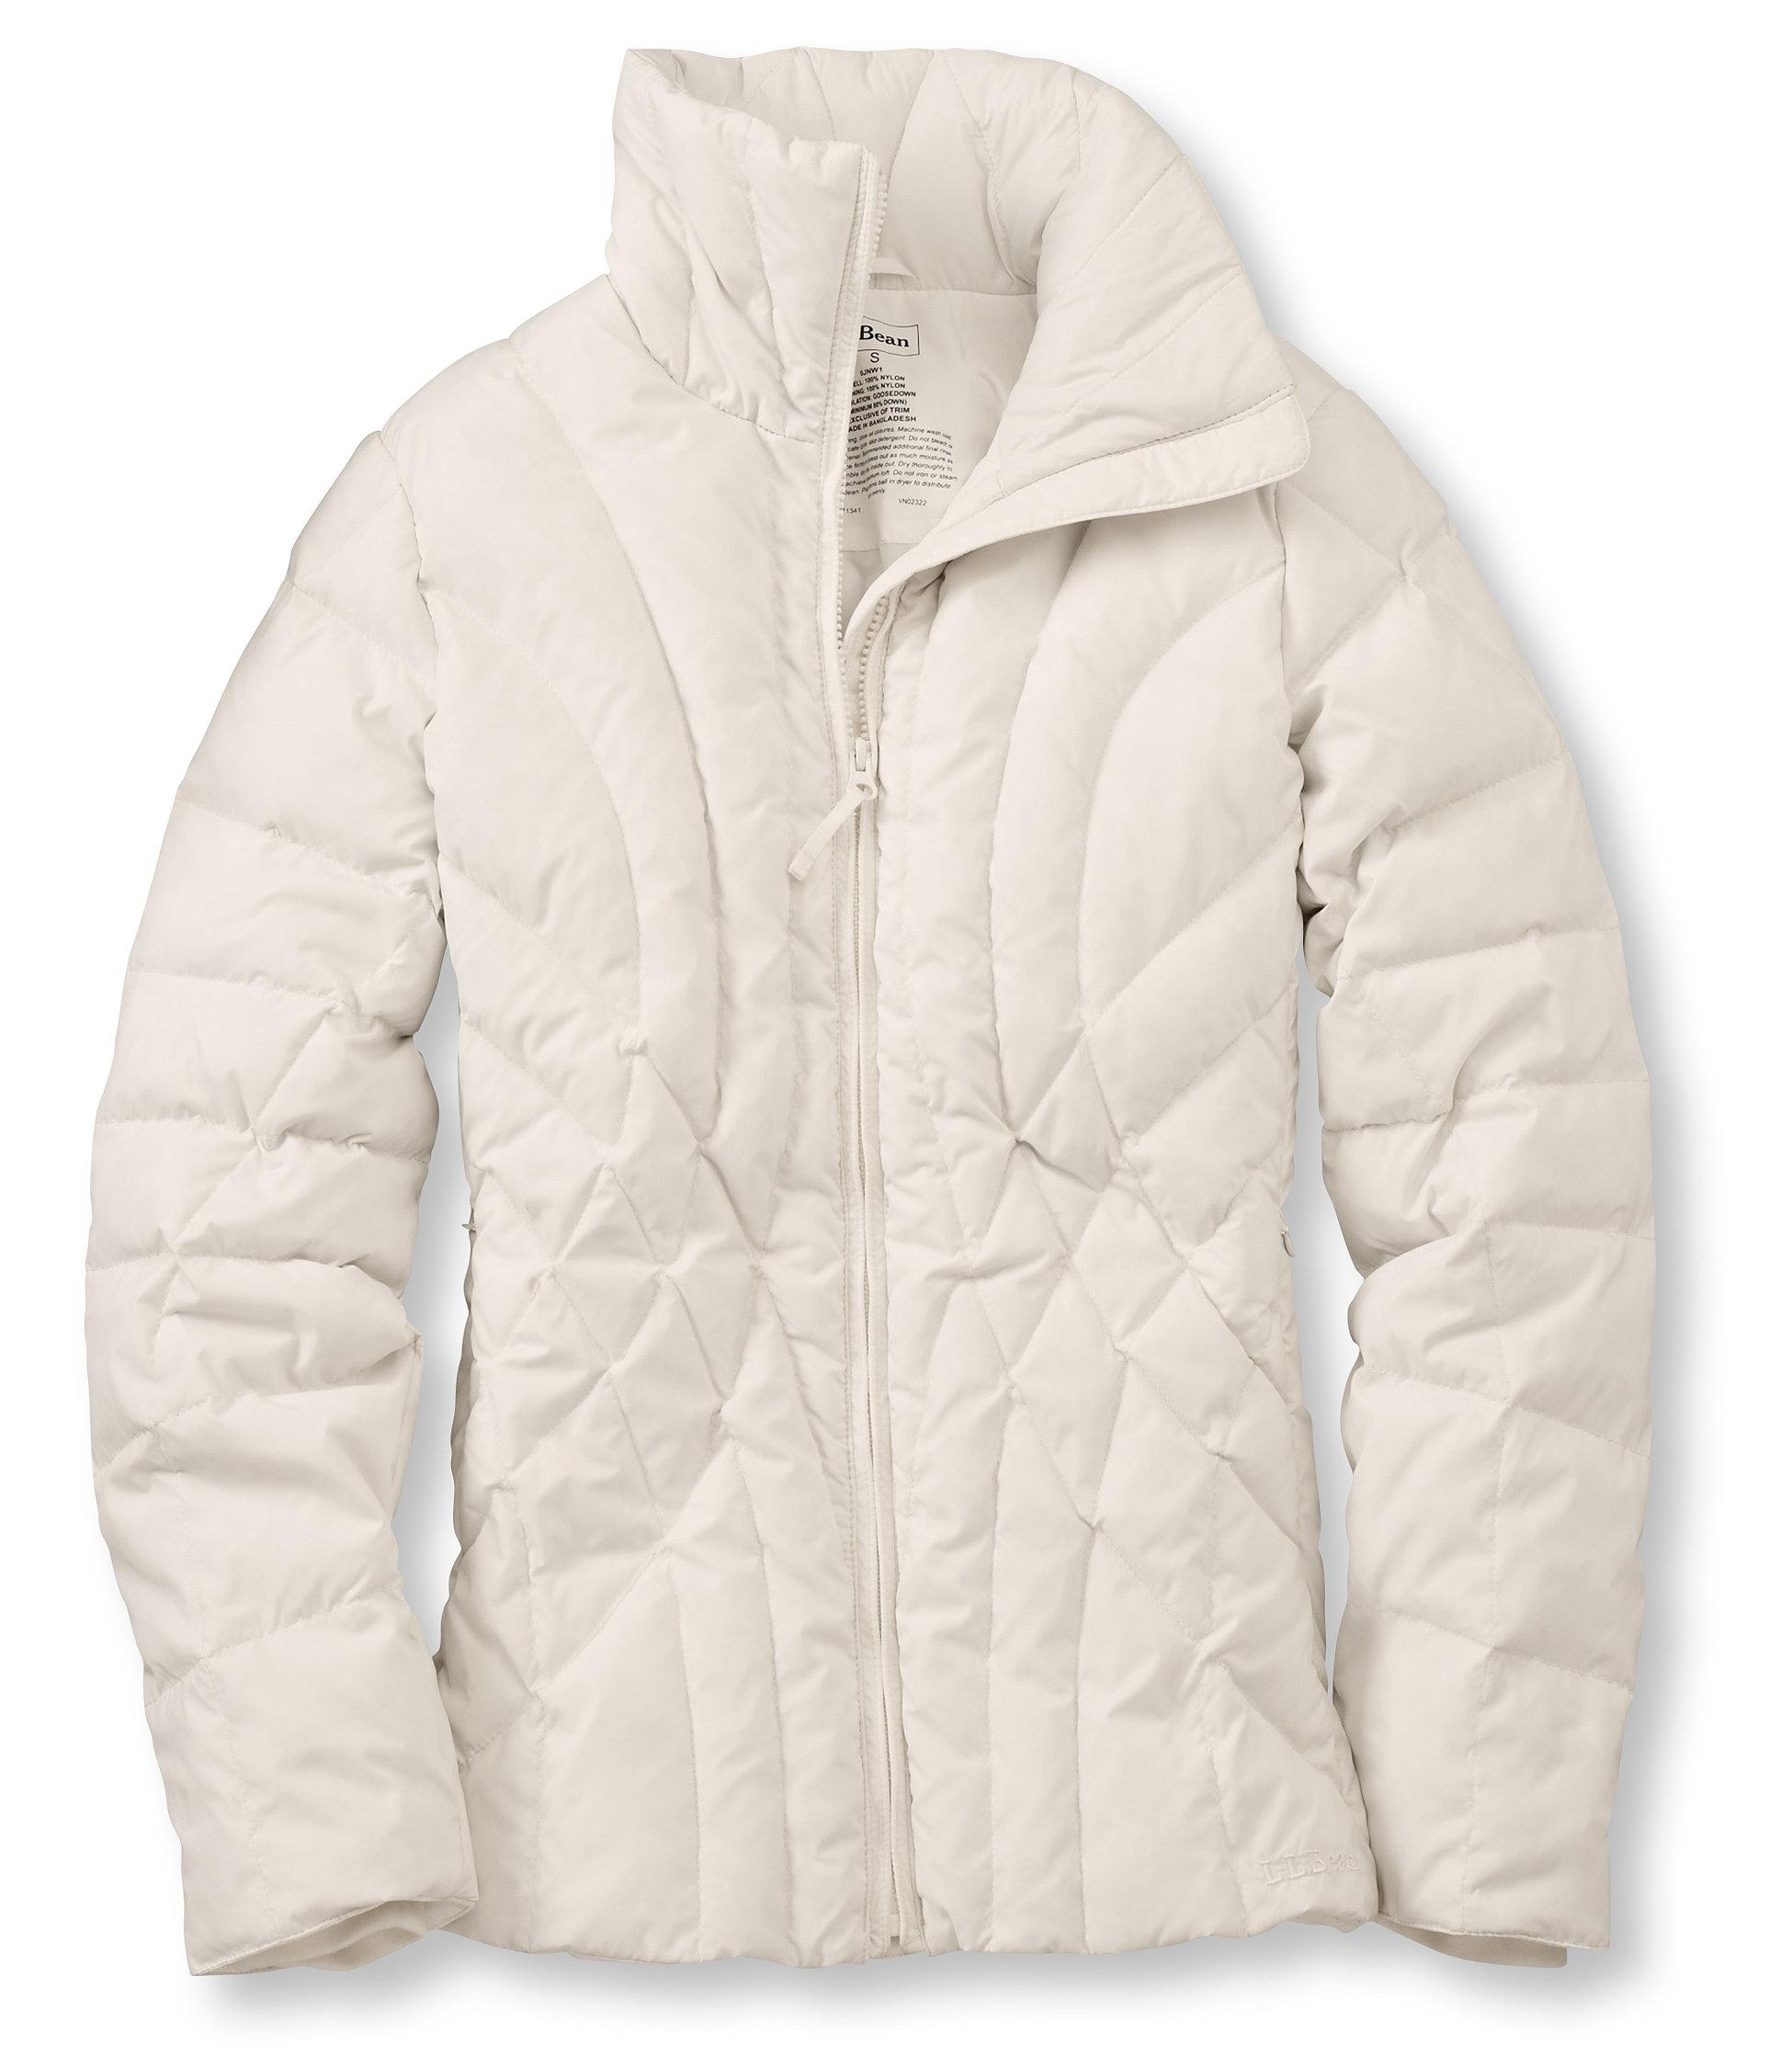 L.L.Bean Warm and Light Jacket